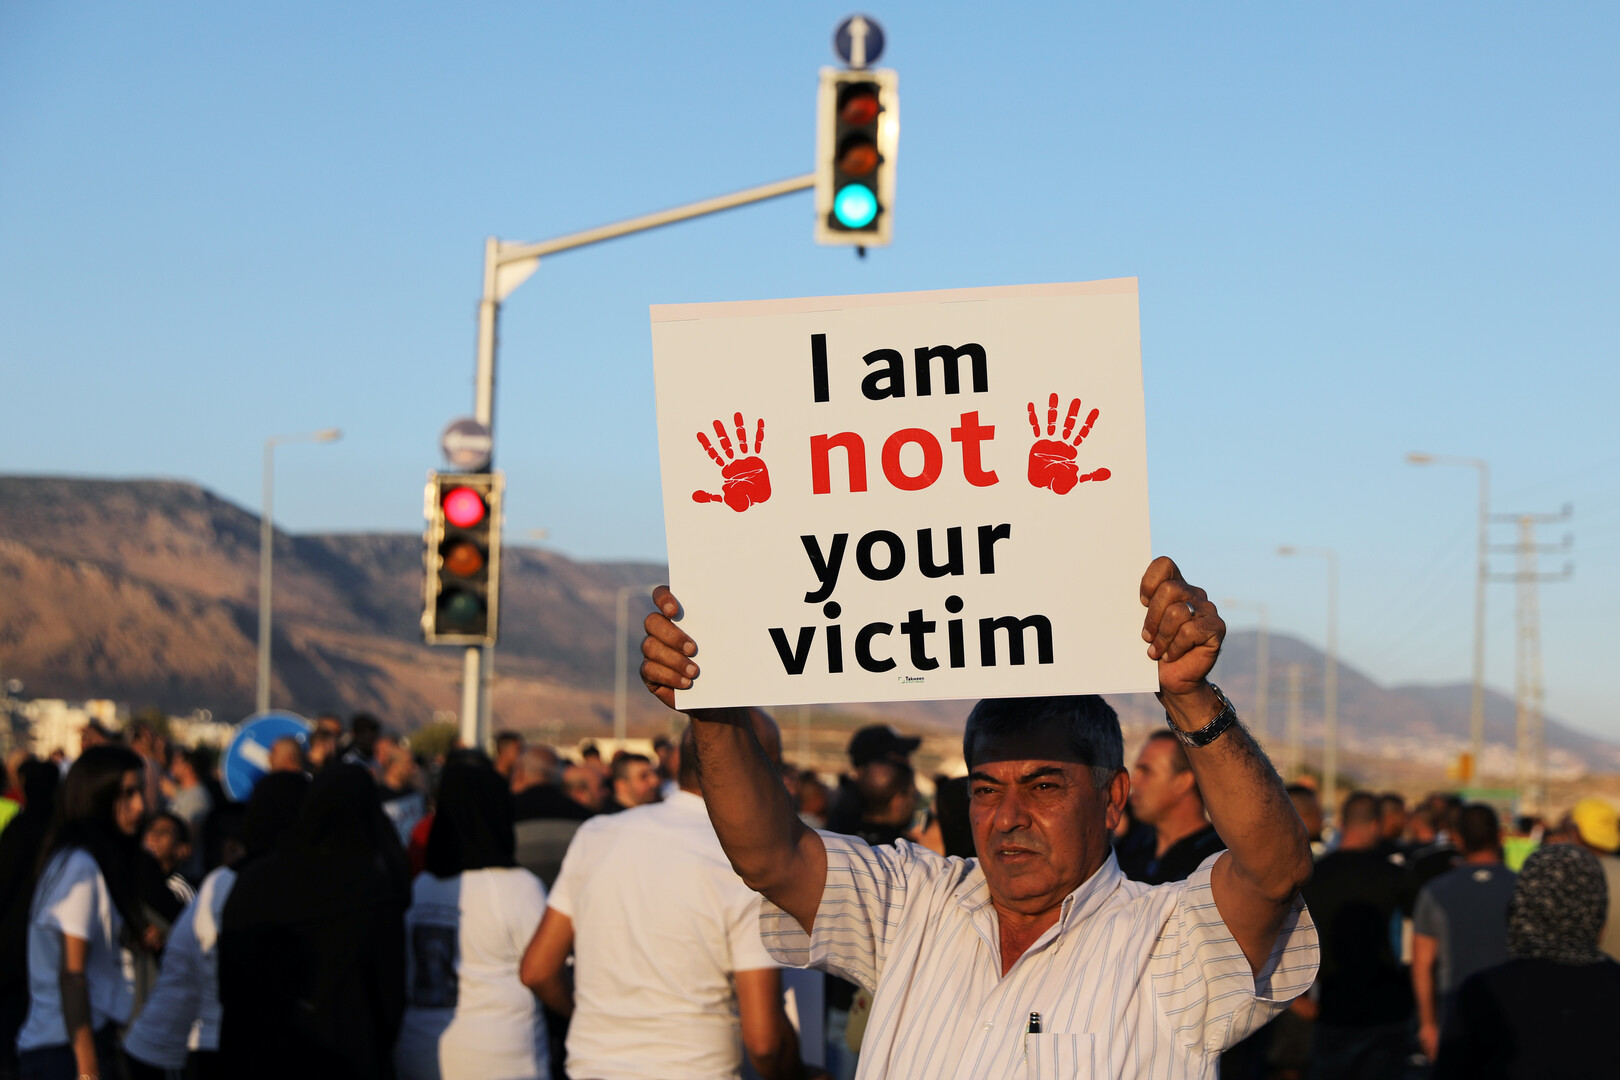 إسرائيل تنشر قوات أمن إضافية في البلدات العربية والاحتجاجات ضد العنف مستمرة